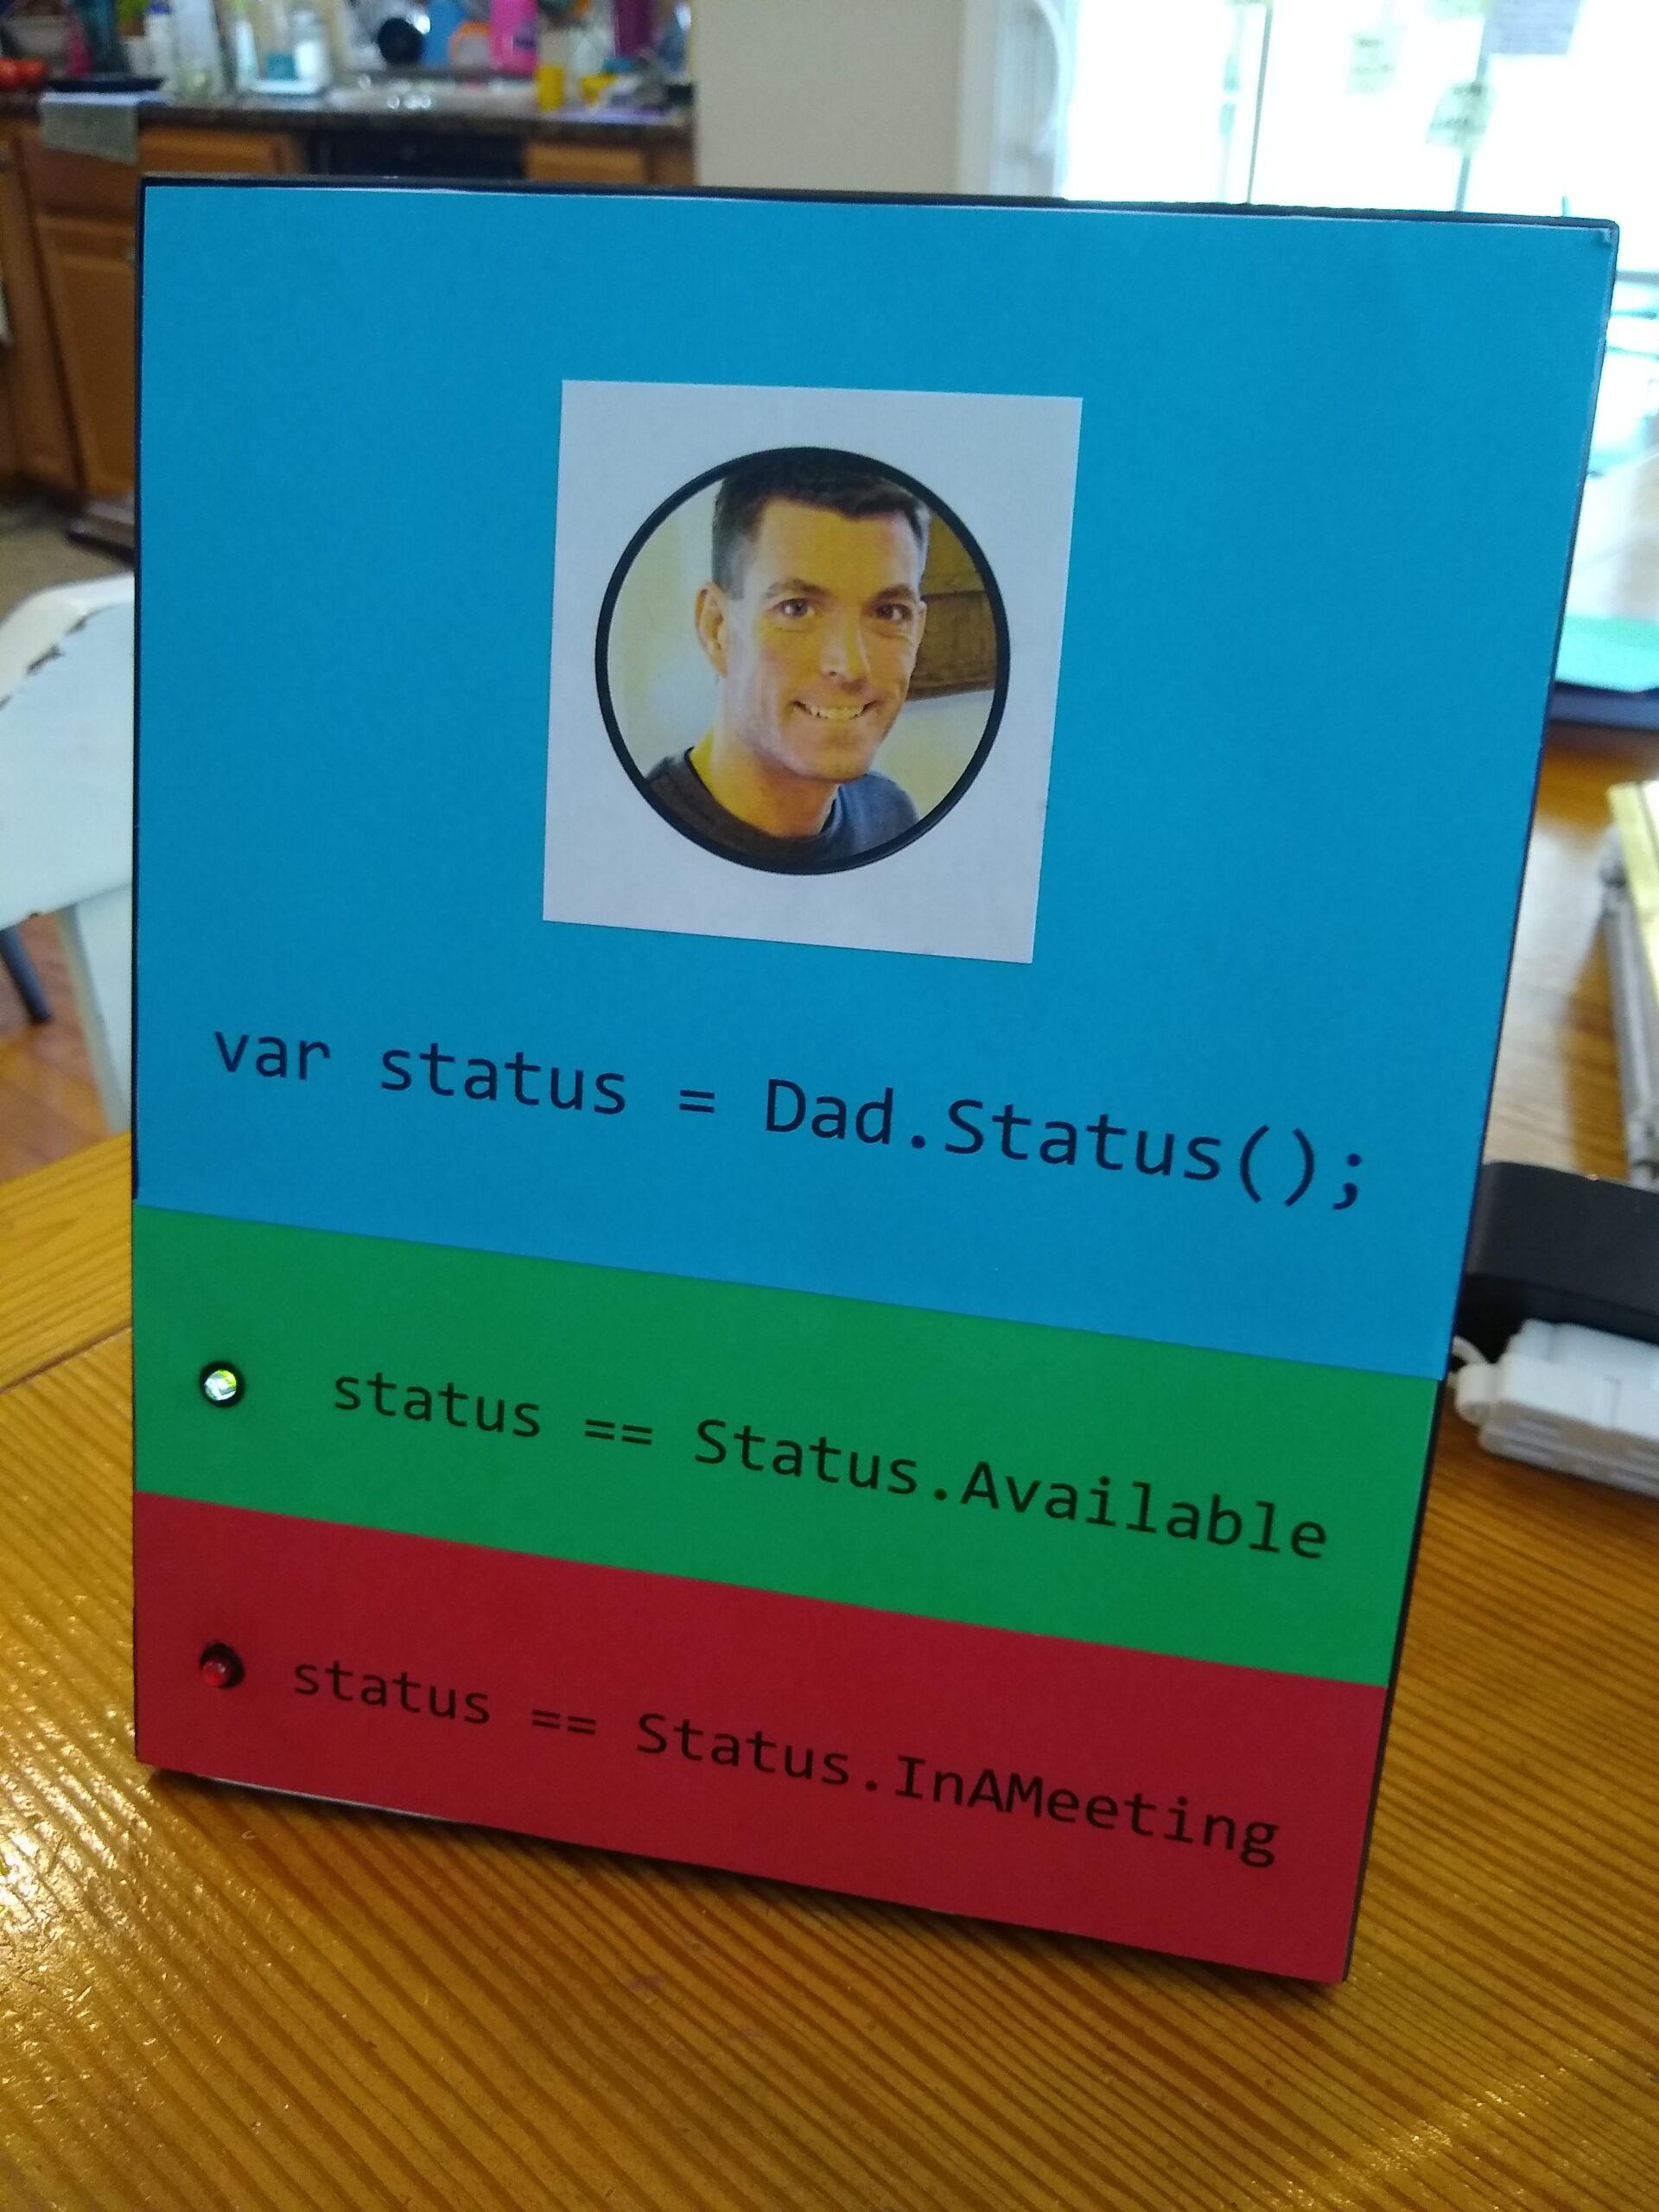 Dad Status Indicator